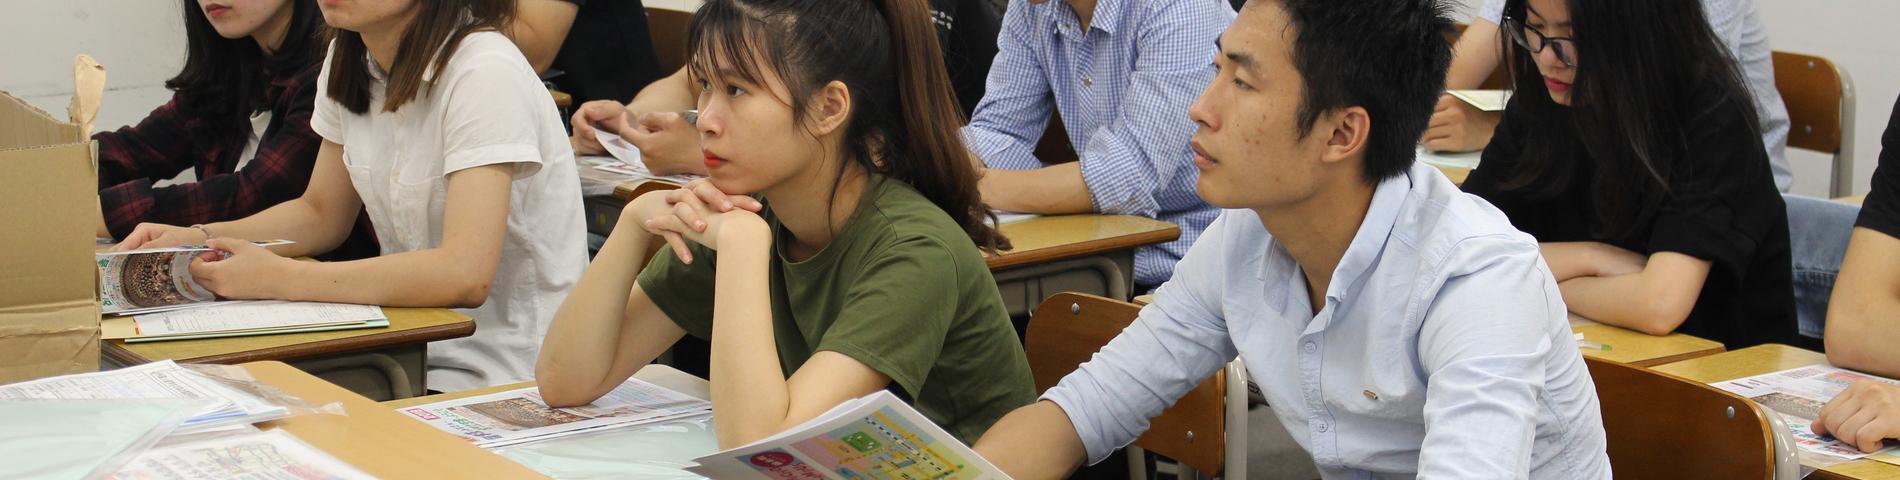 Shinwa Foreign Language Academy kép 1